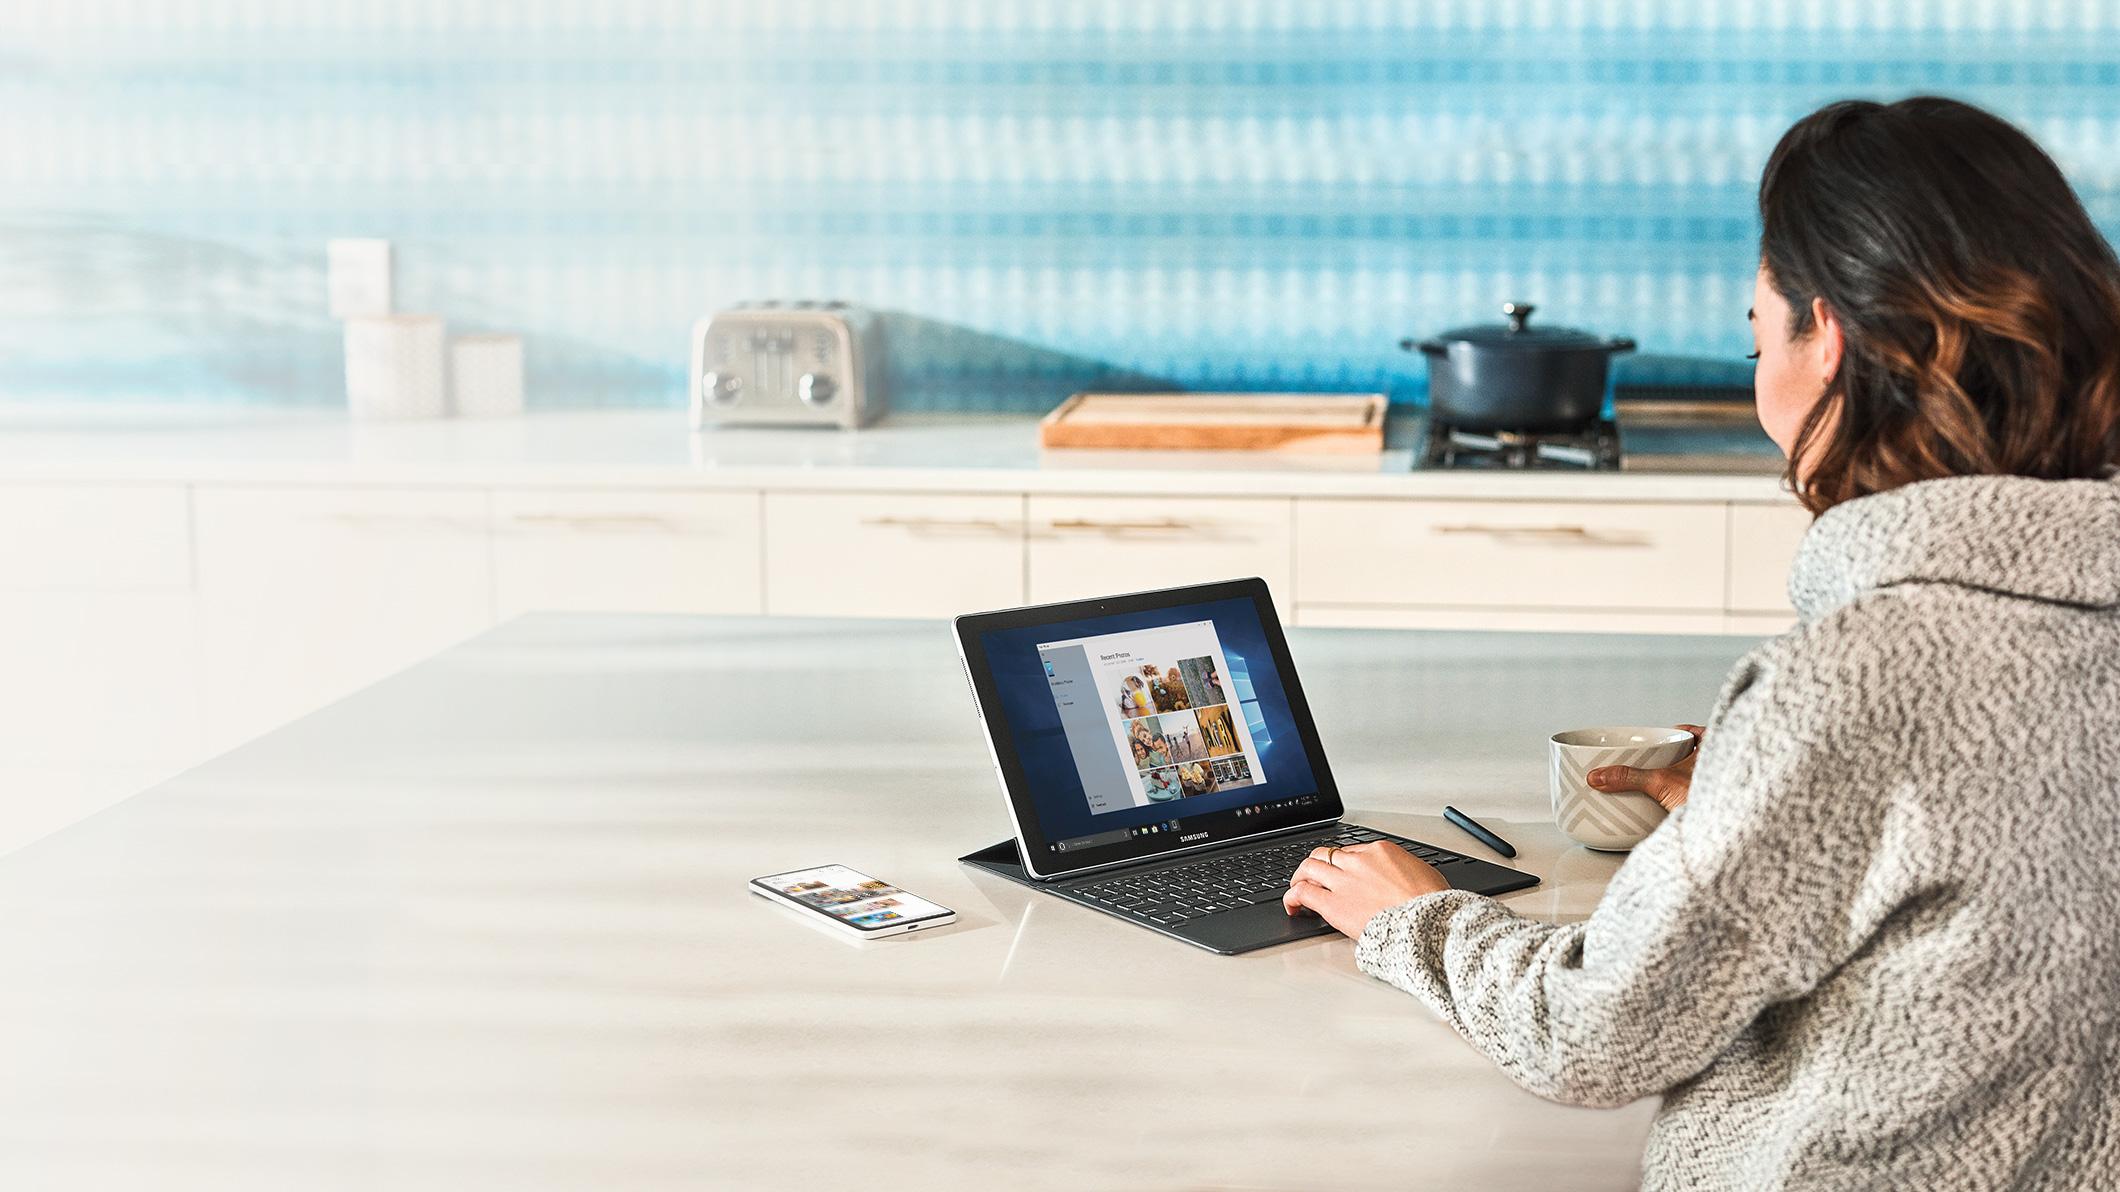 Una donna interagisce con il suo PC e il suo telefono mentre beve un caffè.